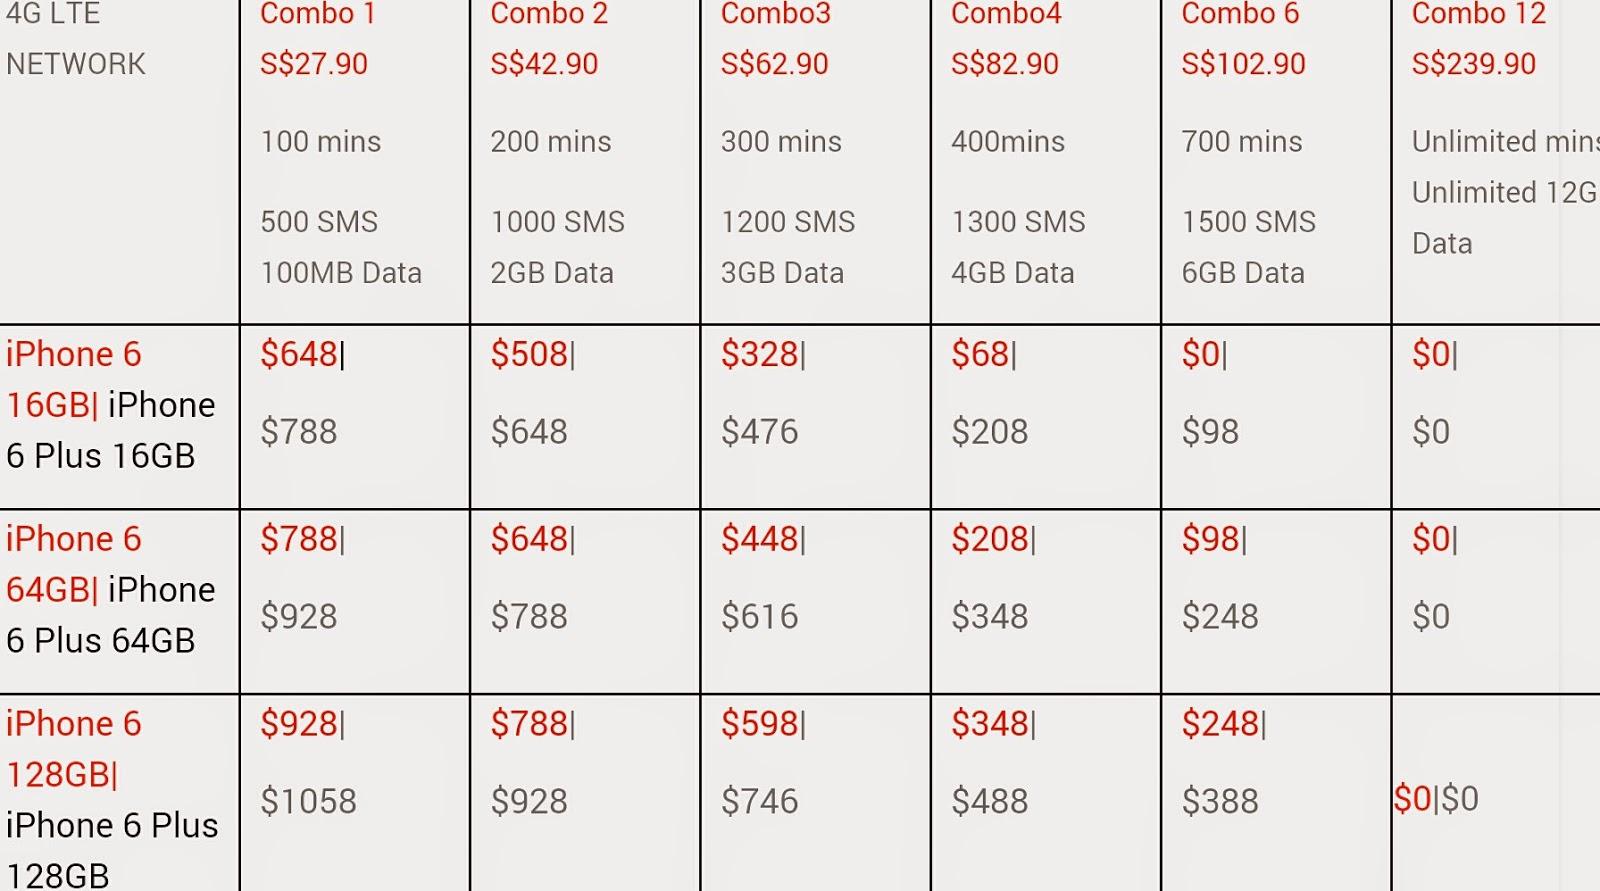 M1 IPhone 6 Plus PRICE 4G 16GB 64GB 128GB In 2014 2015